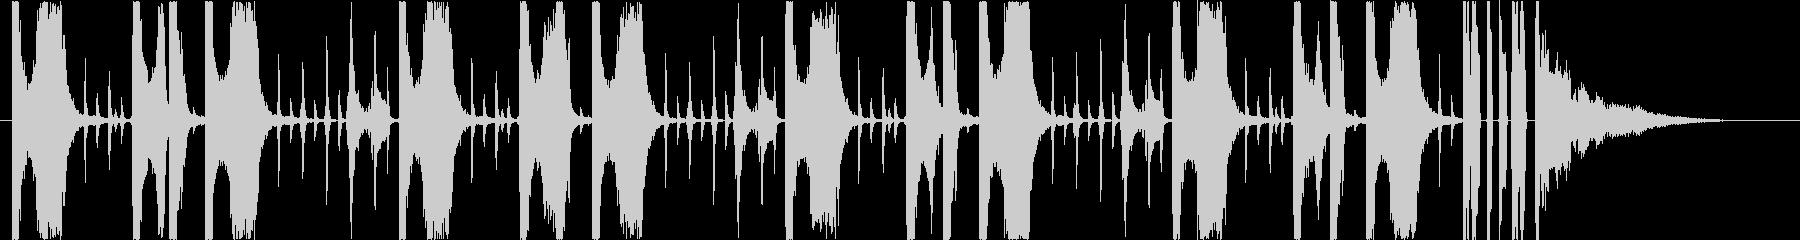 25秒】EDM チル 落ち着き 切なさ の未再生の波形